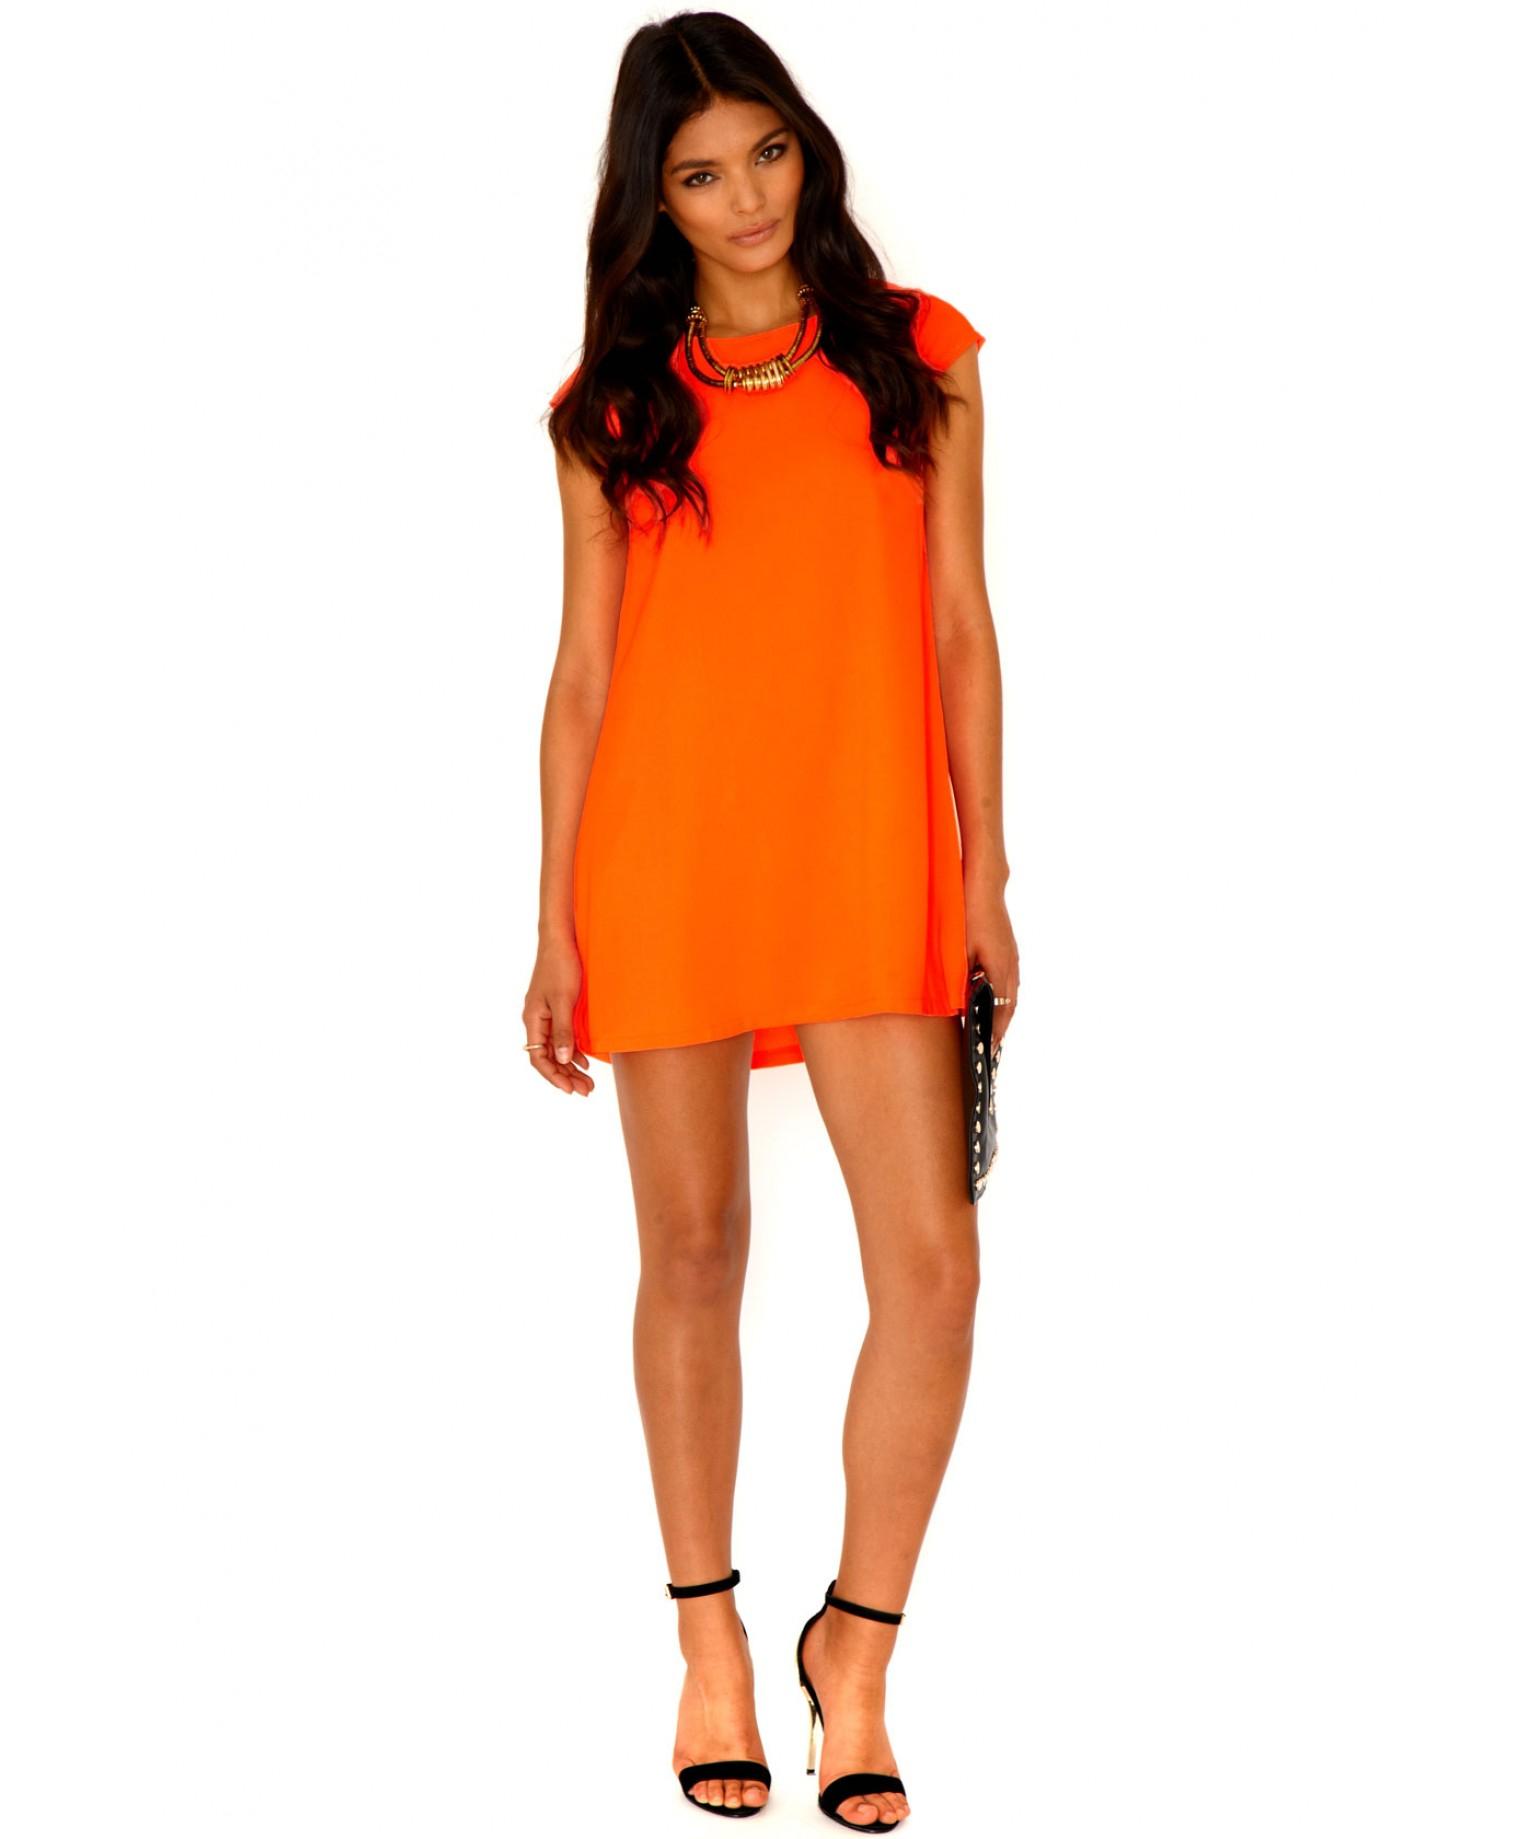 Neon orange dress what color shoes